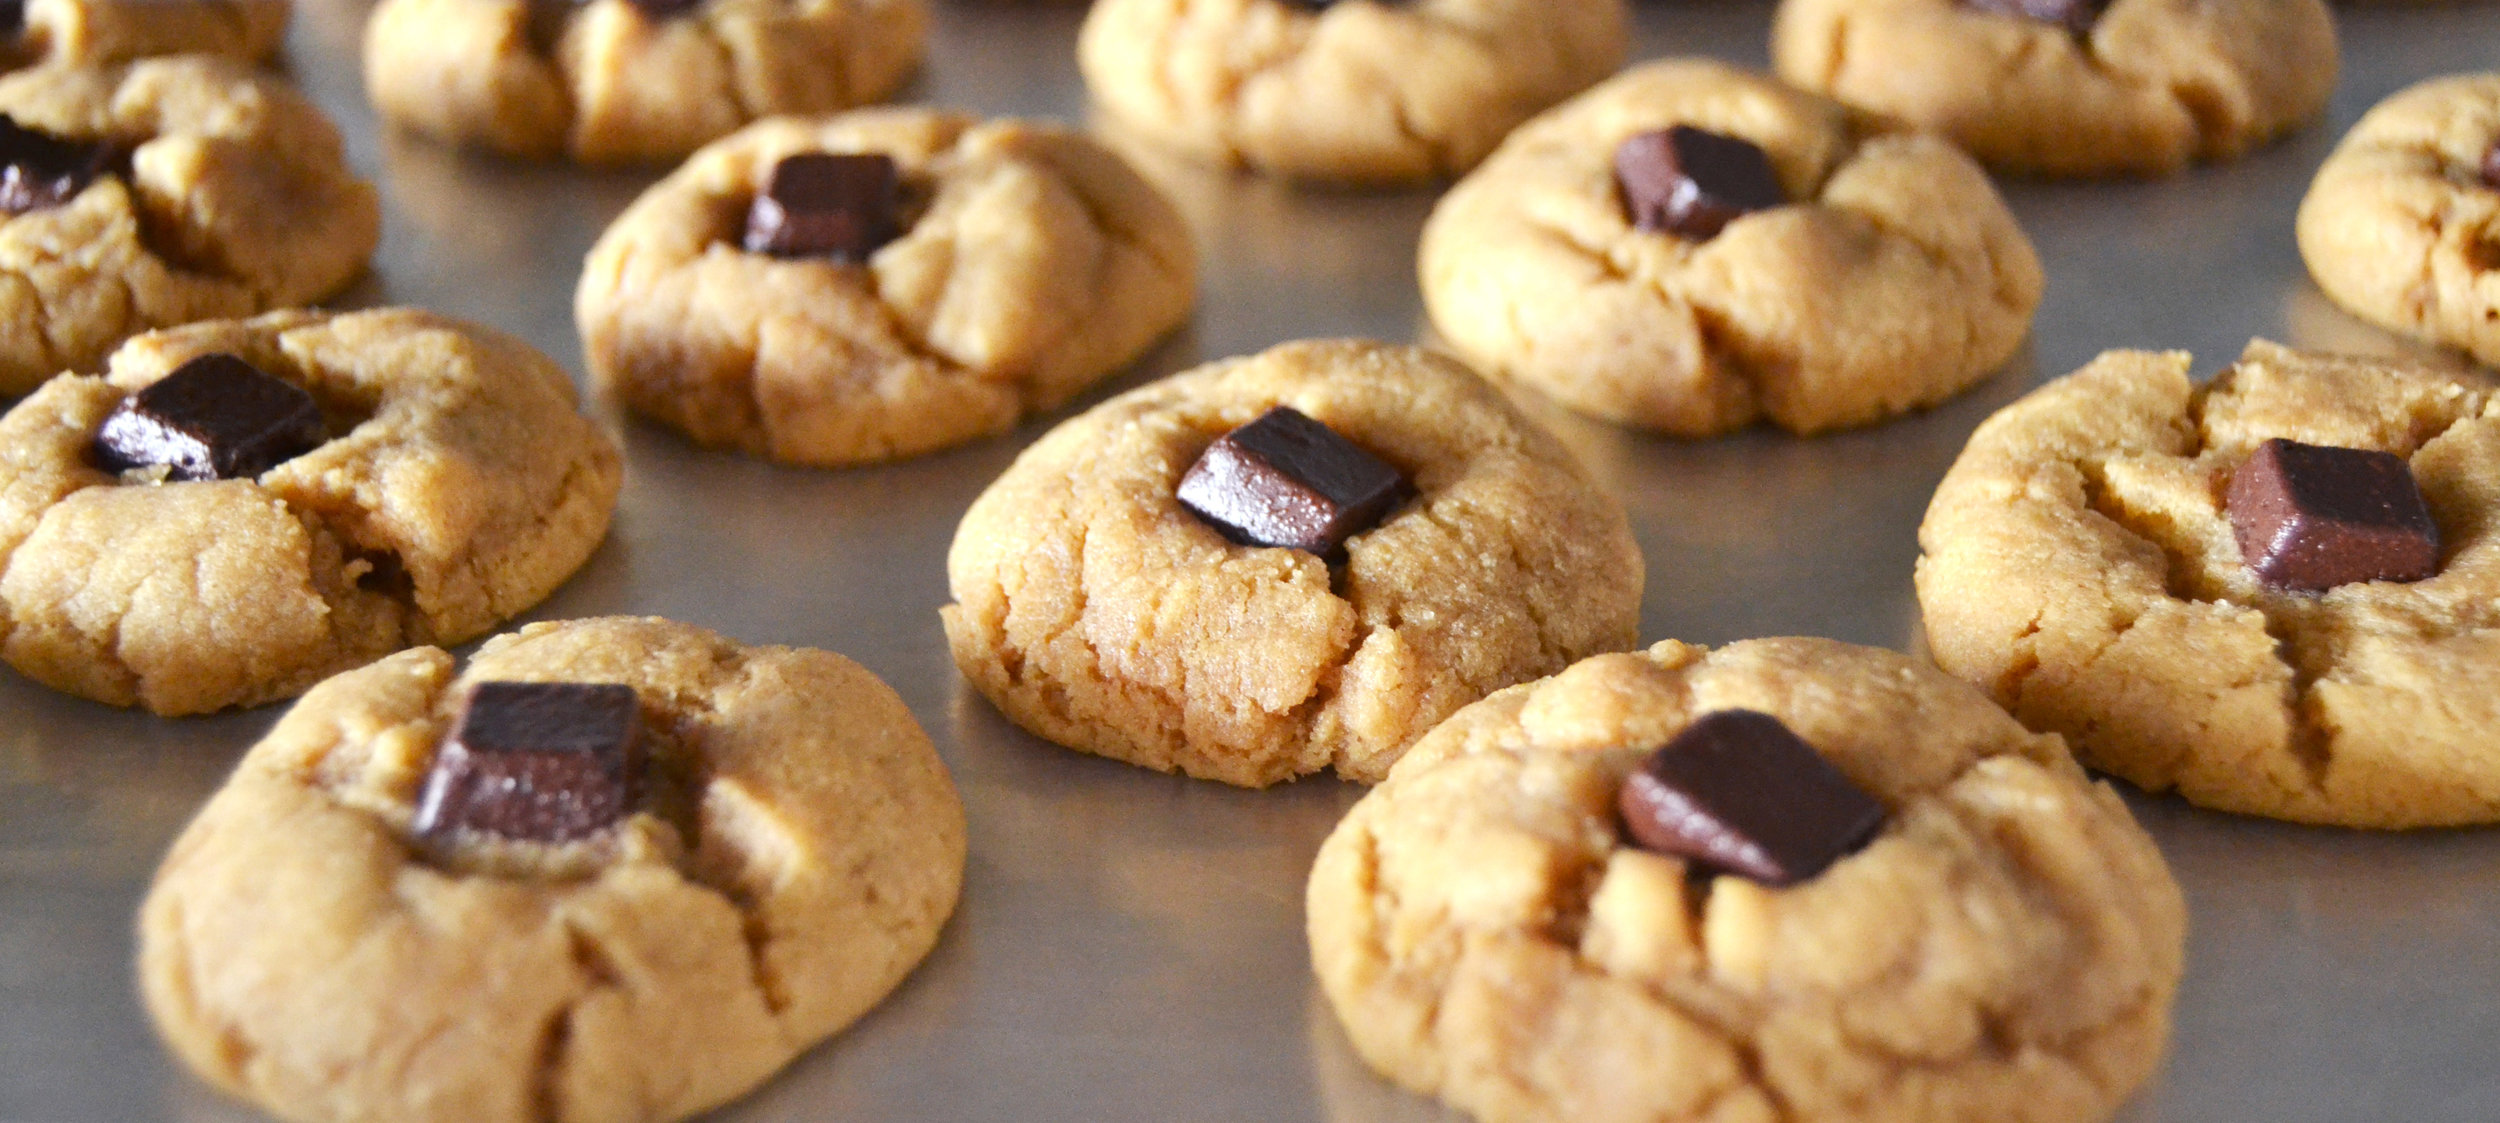 Flourless Blitz Cookies Baking.jpg